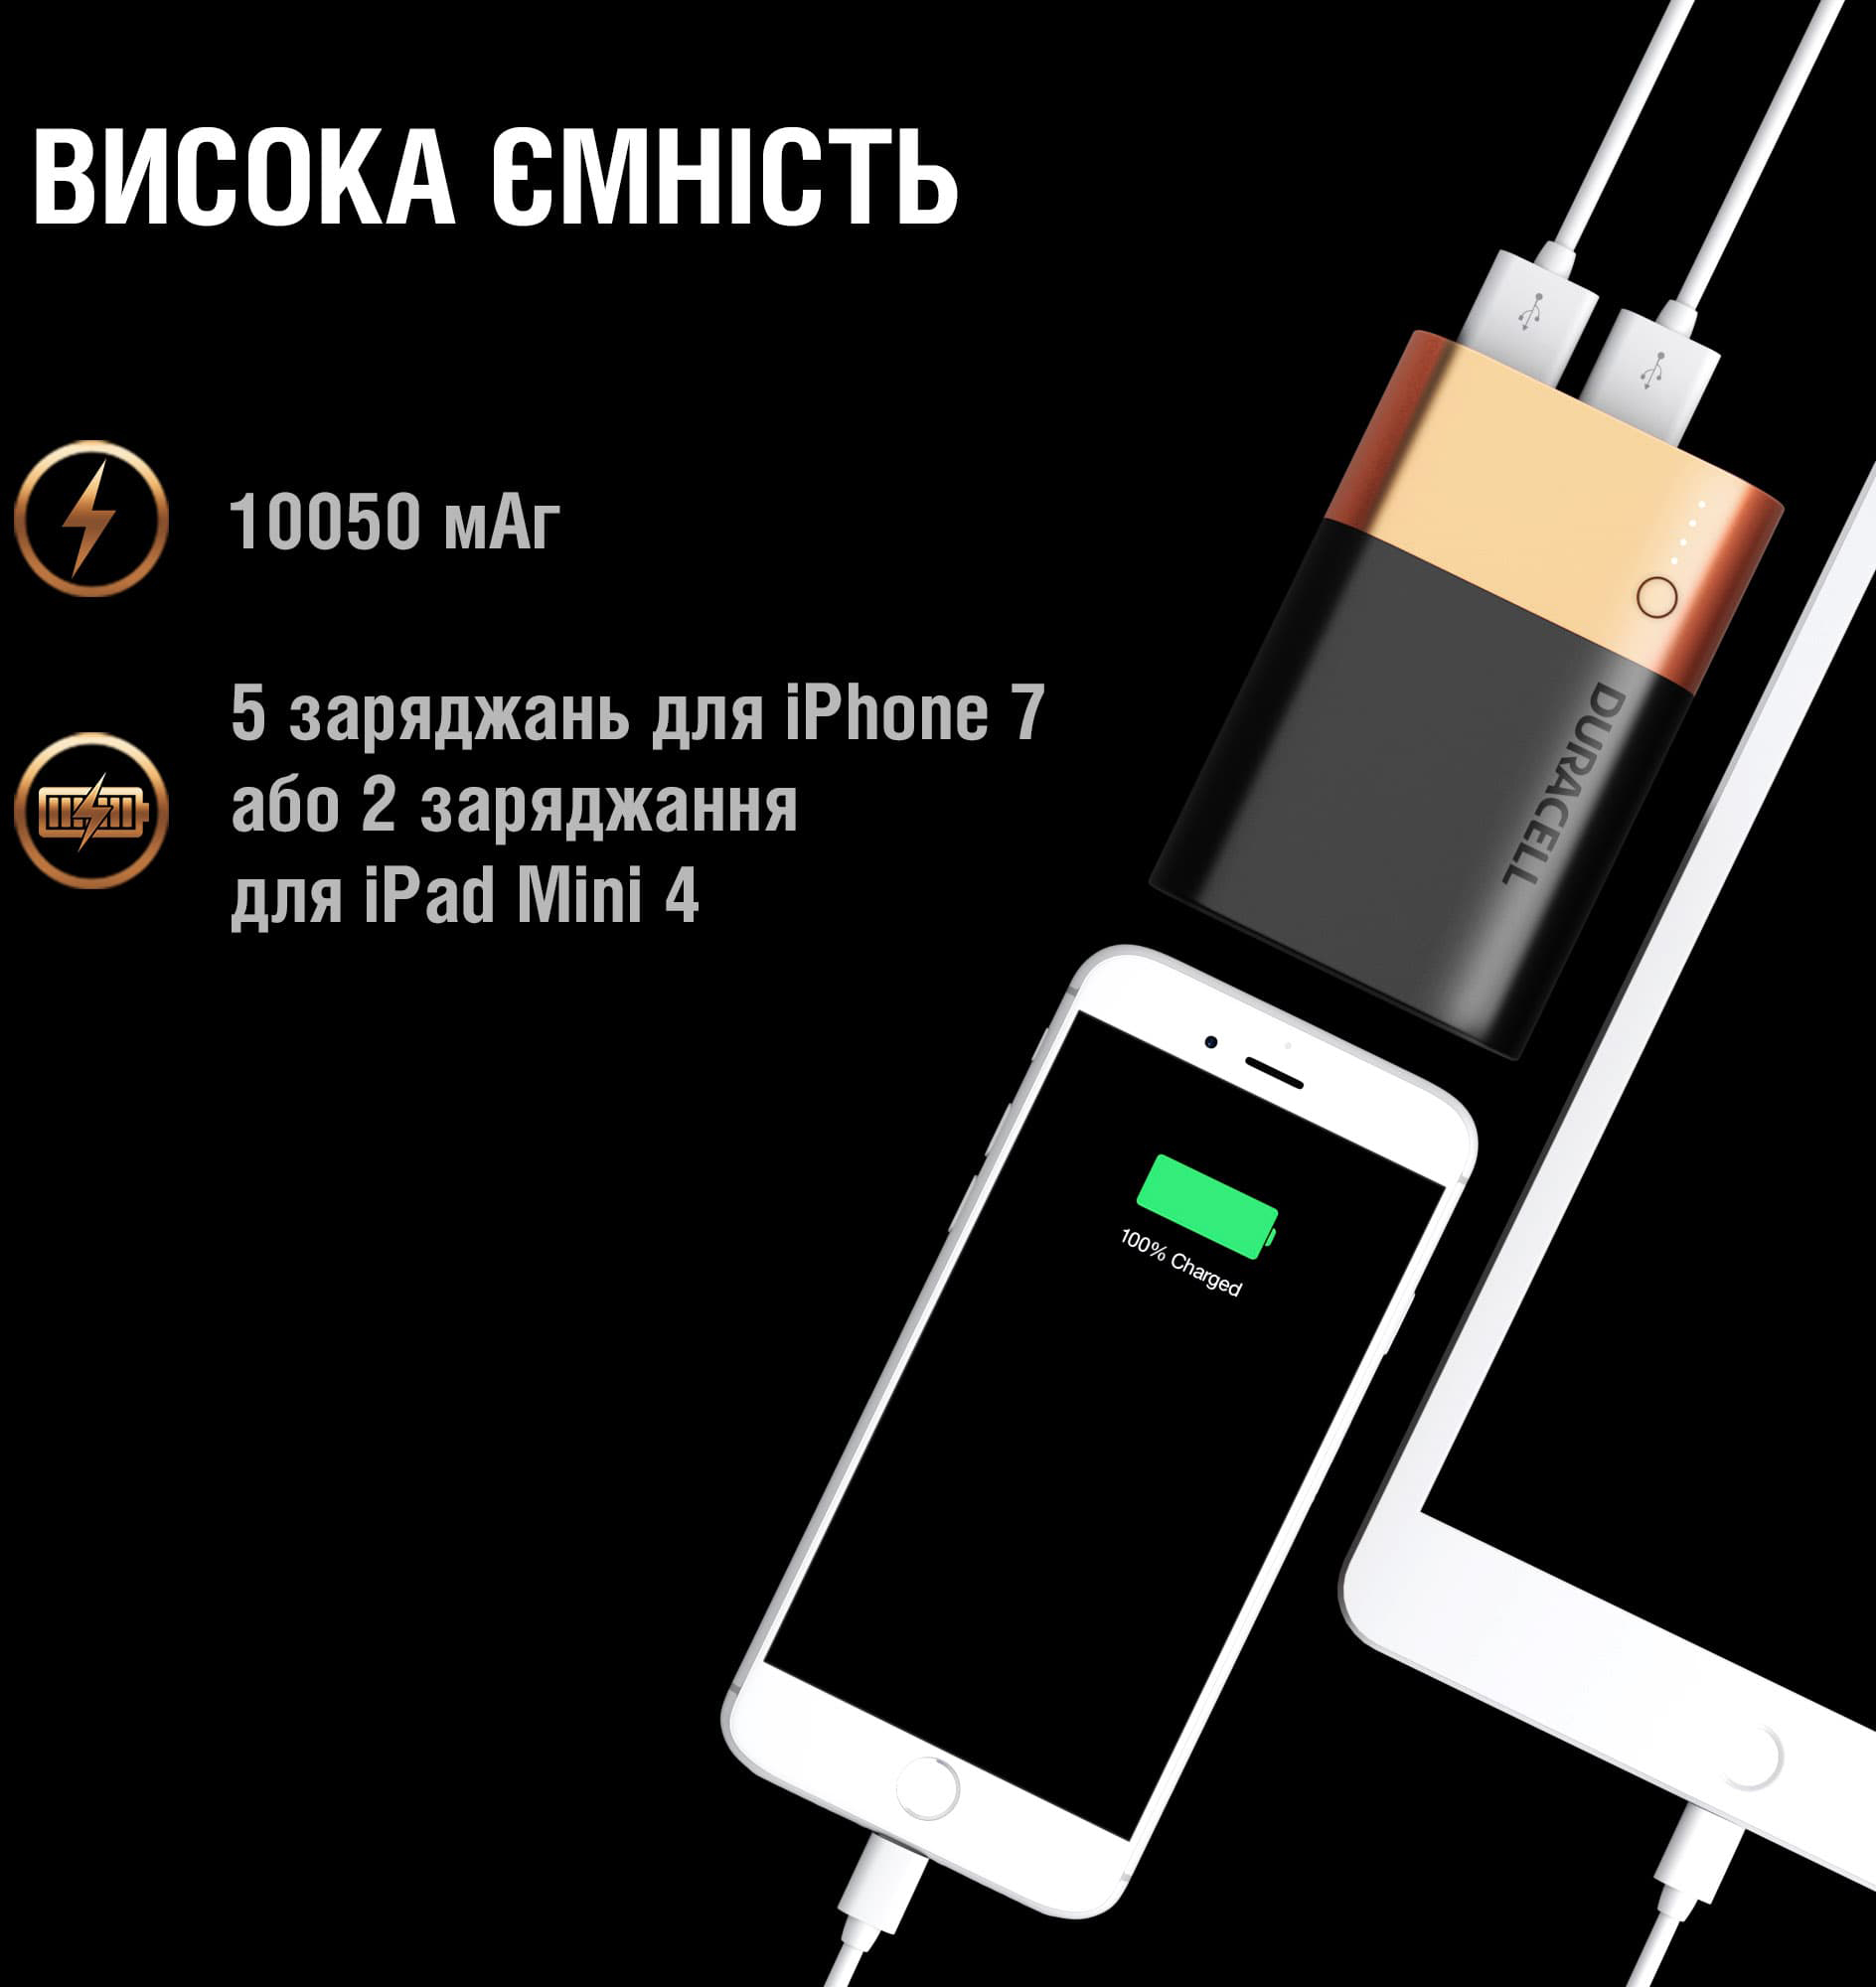 Аккумулятор-зарядка Power bank, емкость 10050мАч, выход 2,4А - 2 USB, вход - microUSB Duracell - фото 4